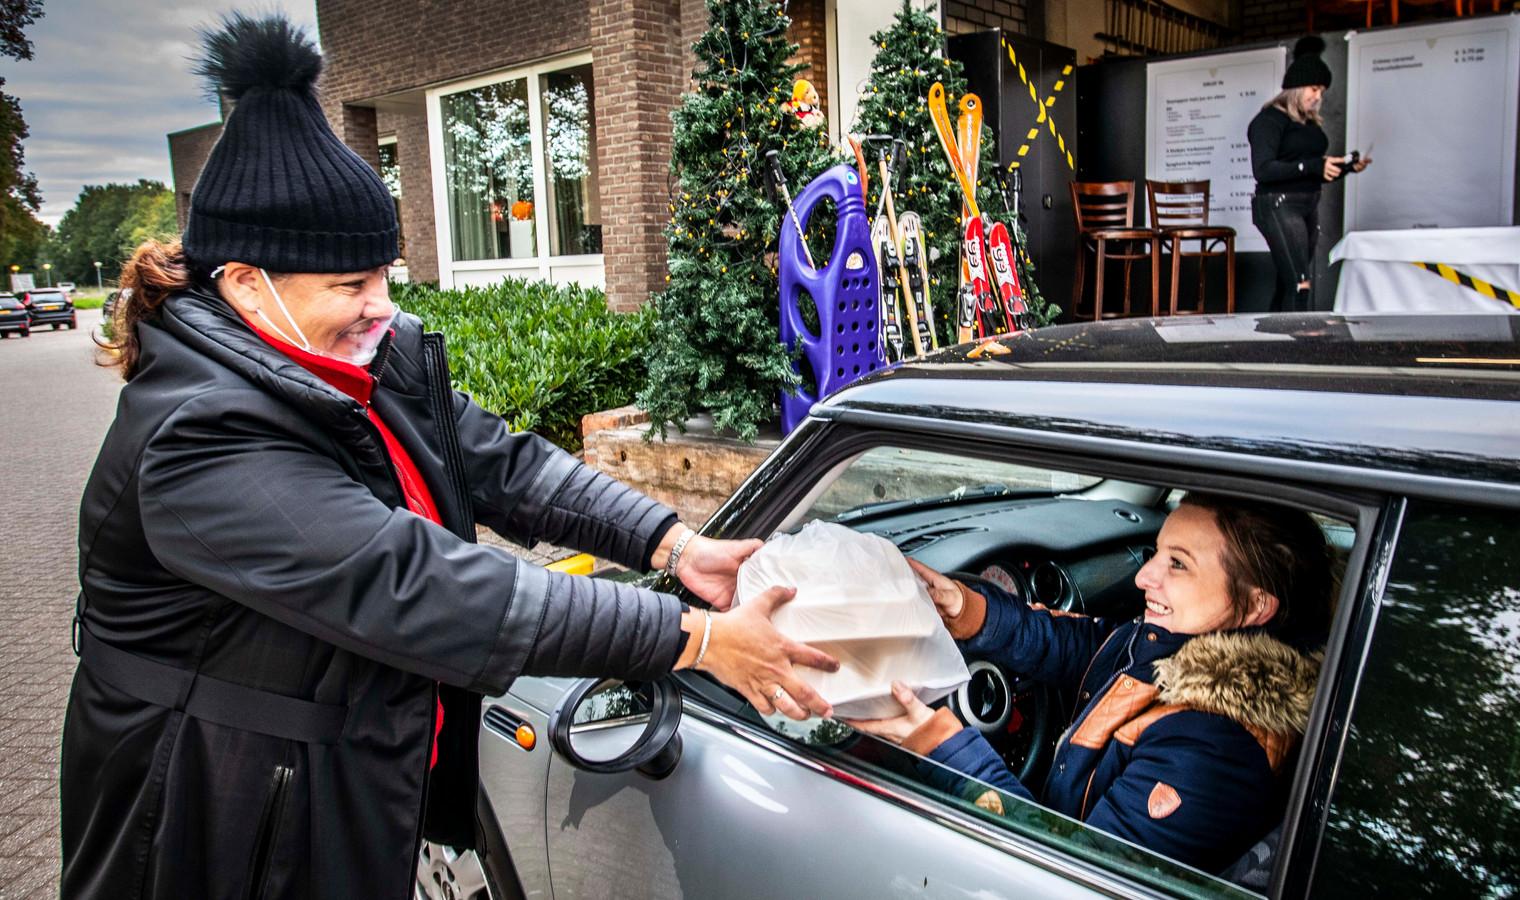 Coronamaatregelen maken vindingrijk. Als eigenaars/exploitanten van De Druiventros bedachten Rob en Janny Zoontjens-Mutsaers (de laatste hier links op de foto) een 'Druif-In': stamppotjes afhalen met de auto. Het echtpaar baat ook De Postelse Hoeve uit.